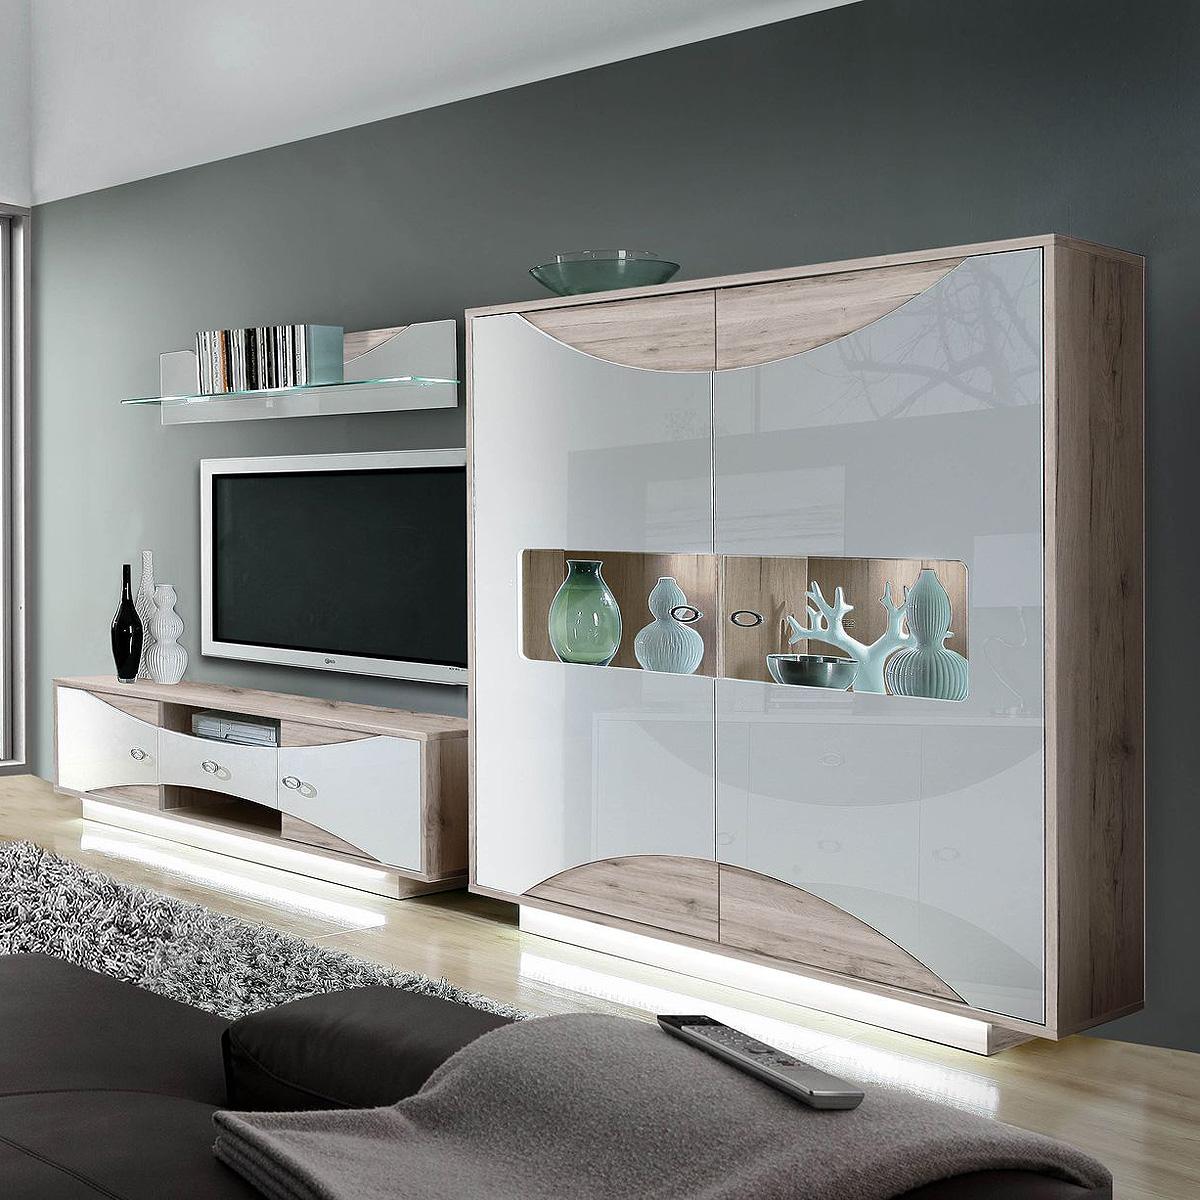 wohnwand 2 wave anbauwand wohnzimmer in wei hochglanz und sandeiche mit led ebay. Black Bedroom Furniture Sets. Home Design Ideas